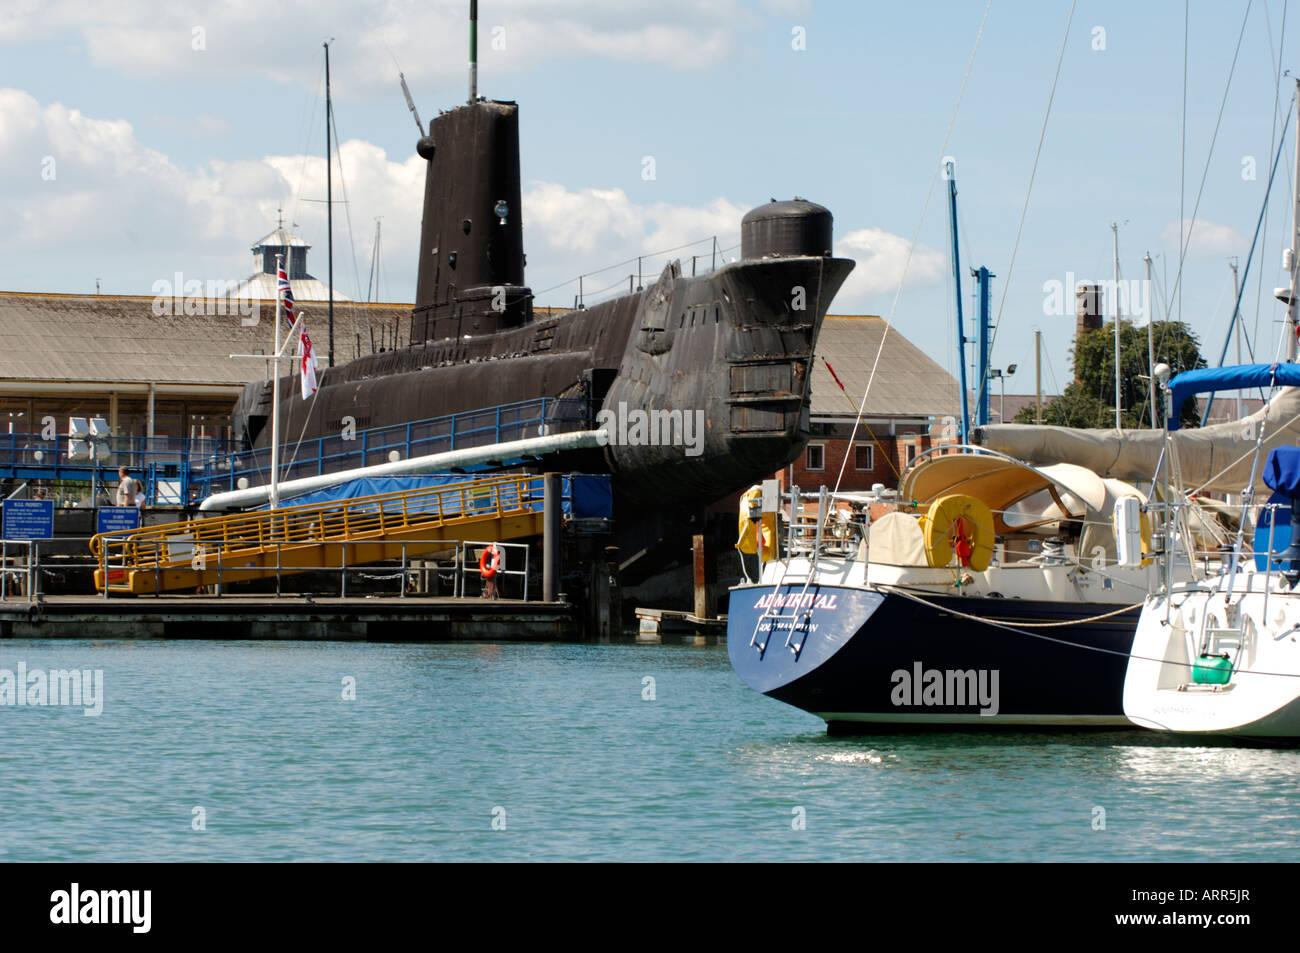 Alianza de hms el submarino en el royal nay sumariners museo en haslar creek hms dolphin gosport hampshire portsmouth Imagen De Stock